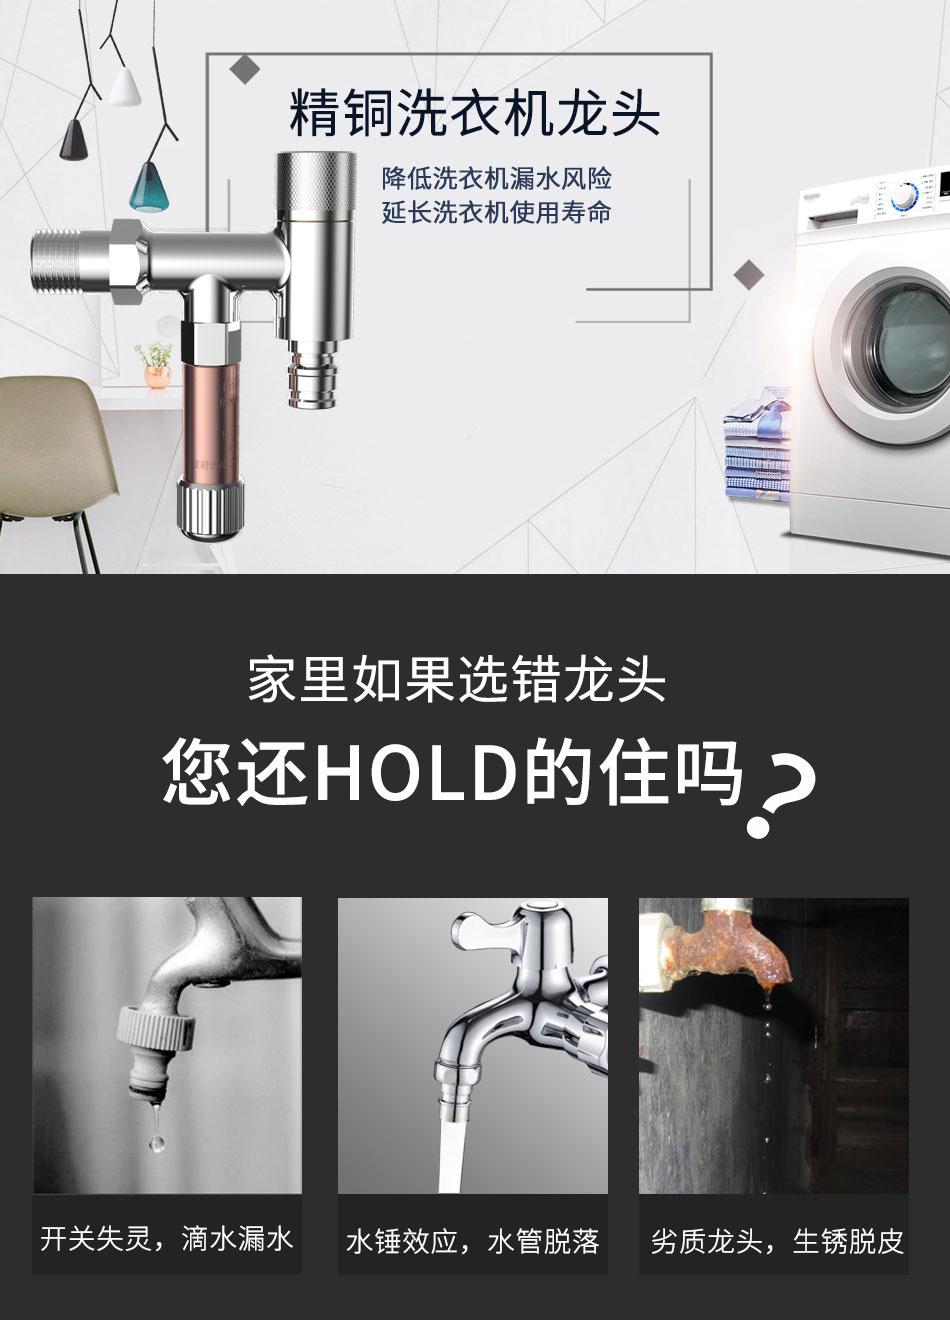 洗衣机龙头详情页_12.jpg